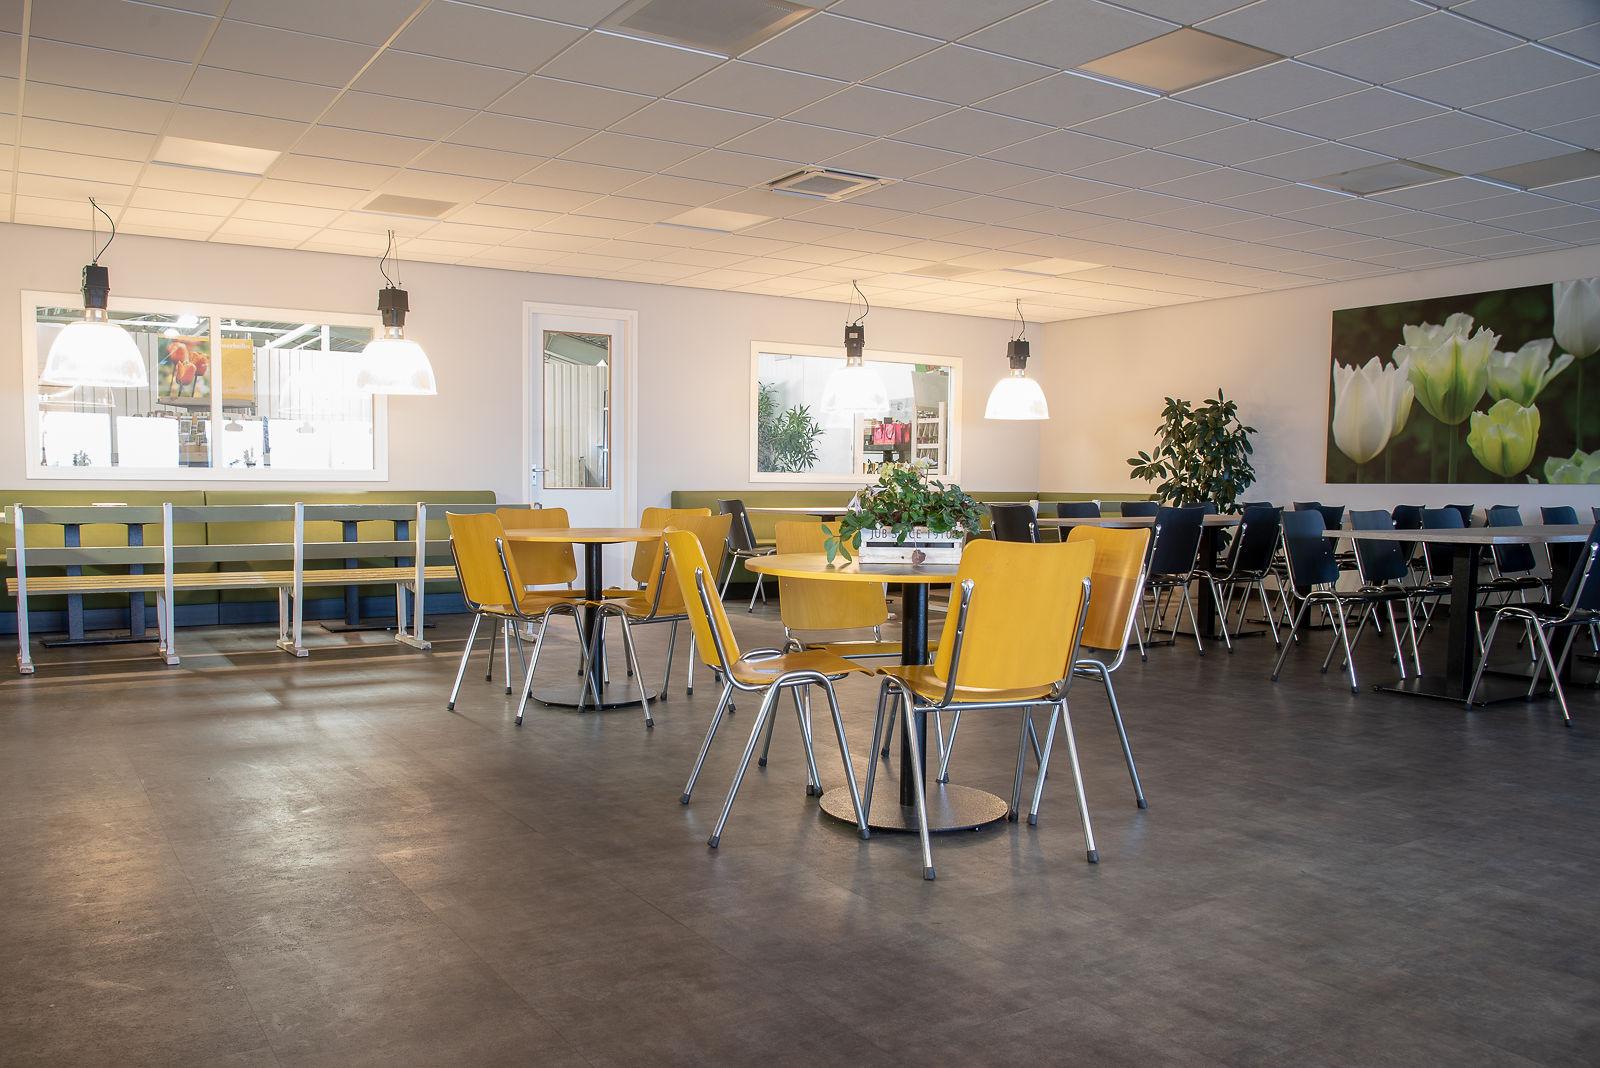 Fotografie projectinrichting ruimte met gele stoelen